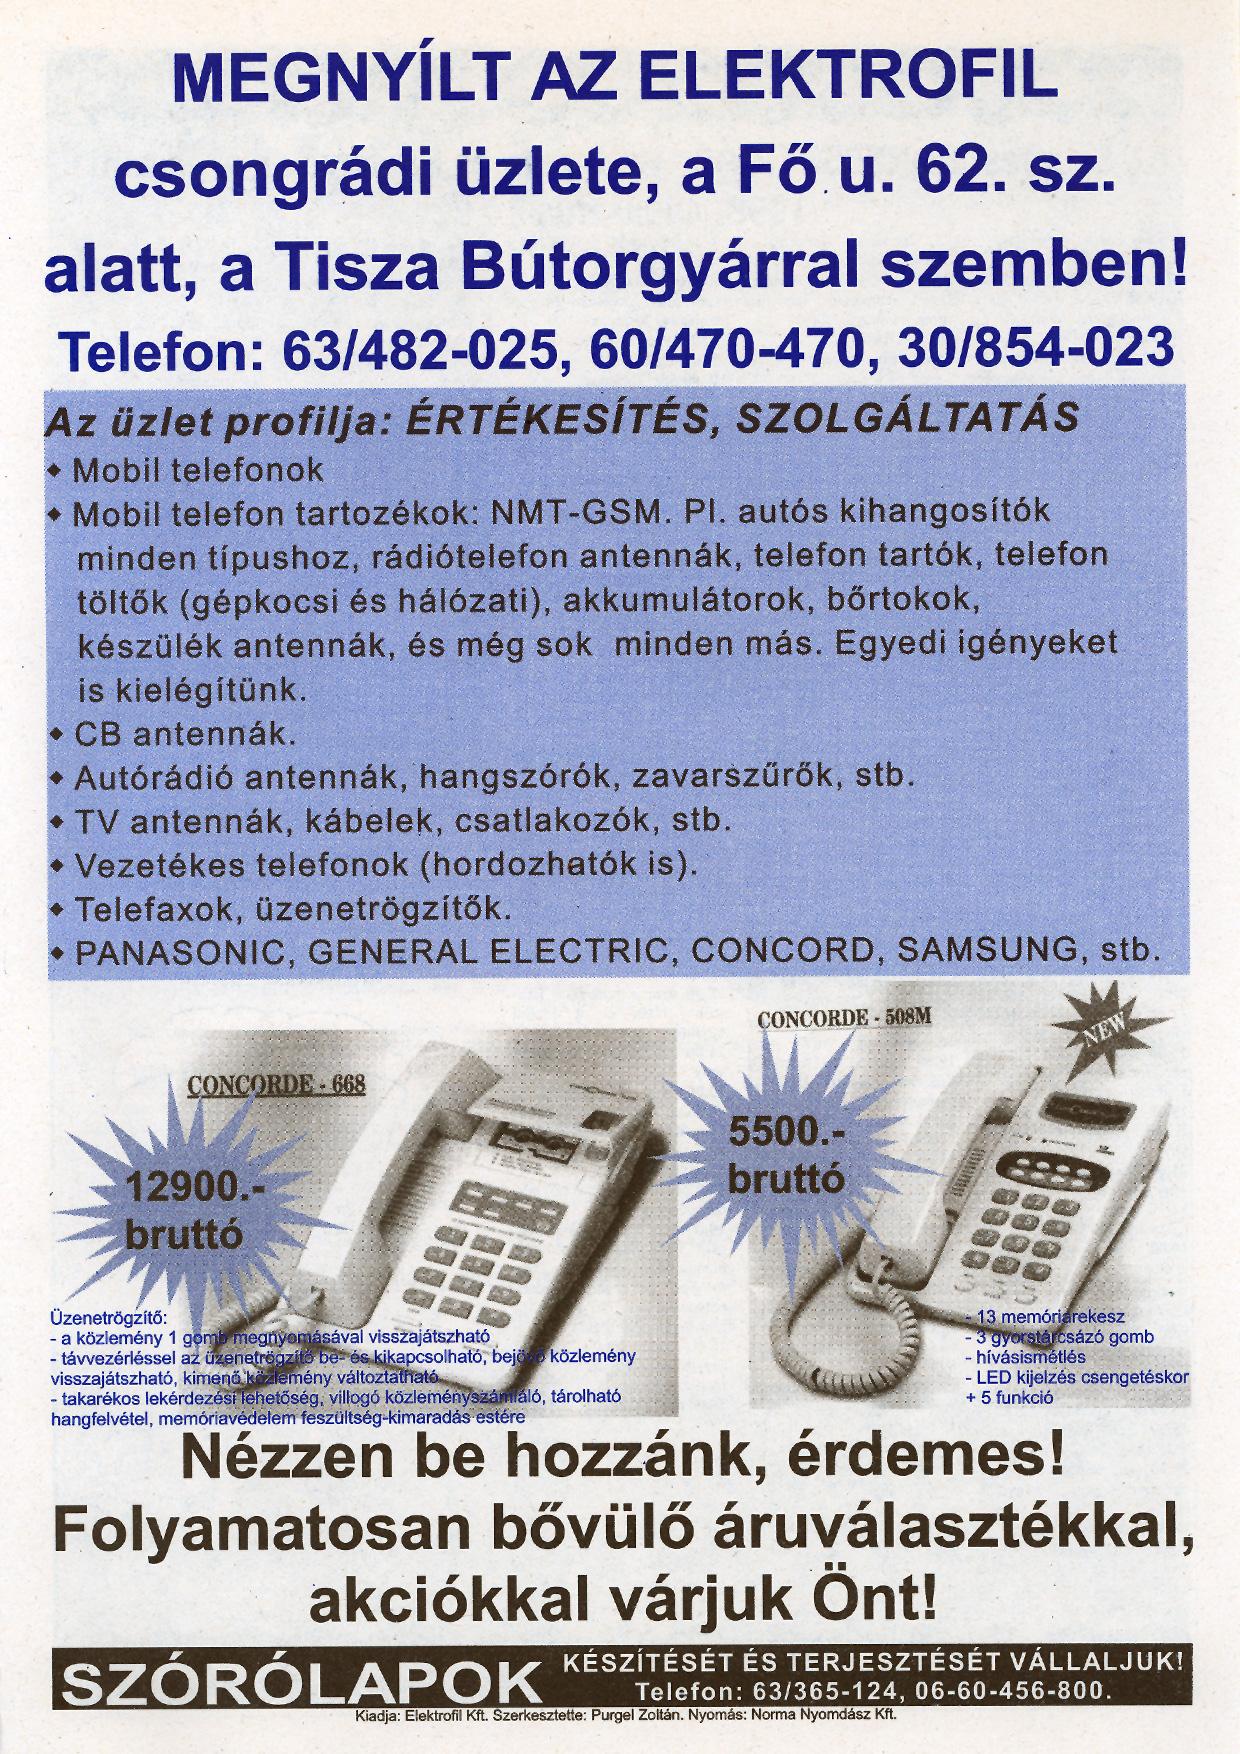 031 Tuti Tipp reklámújság - 19980801-001. lapszám - 3.oldal - IV. évfolyam.jpg